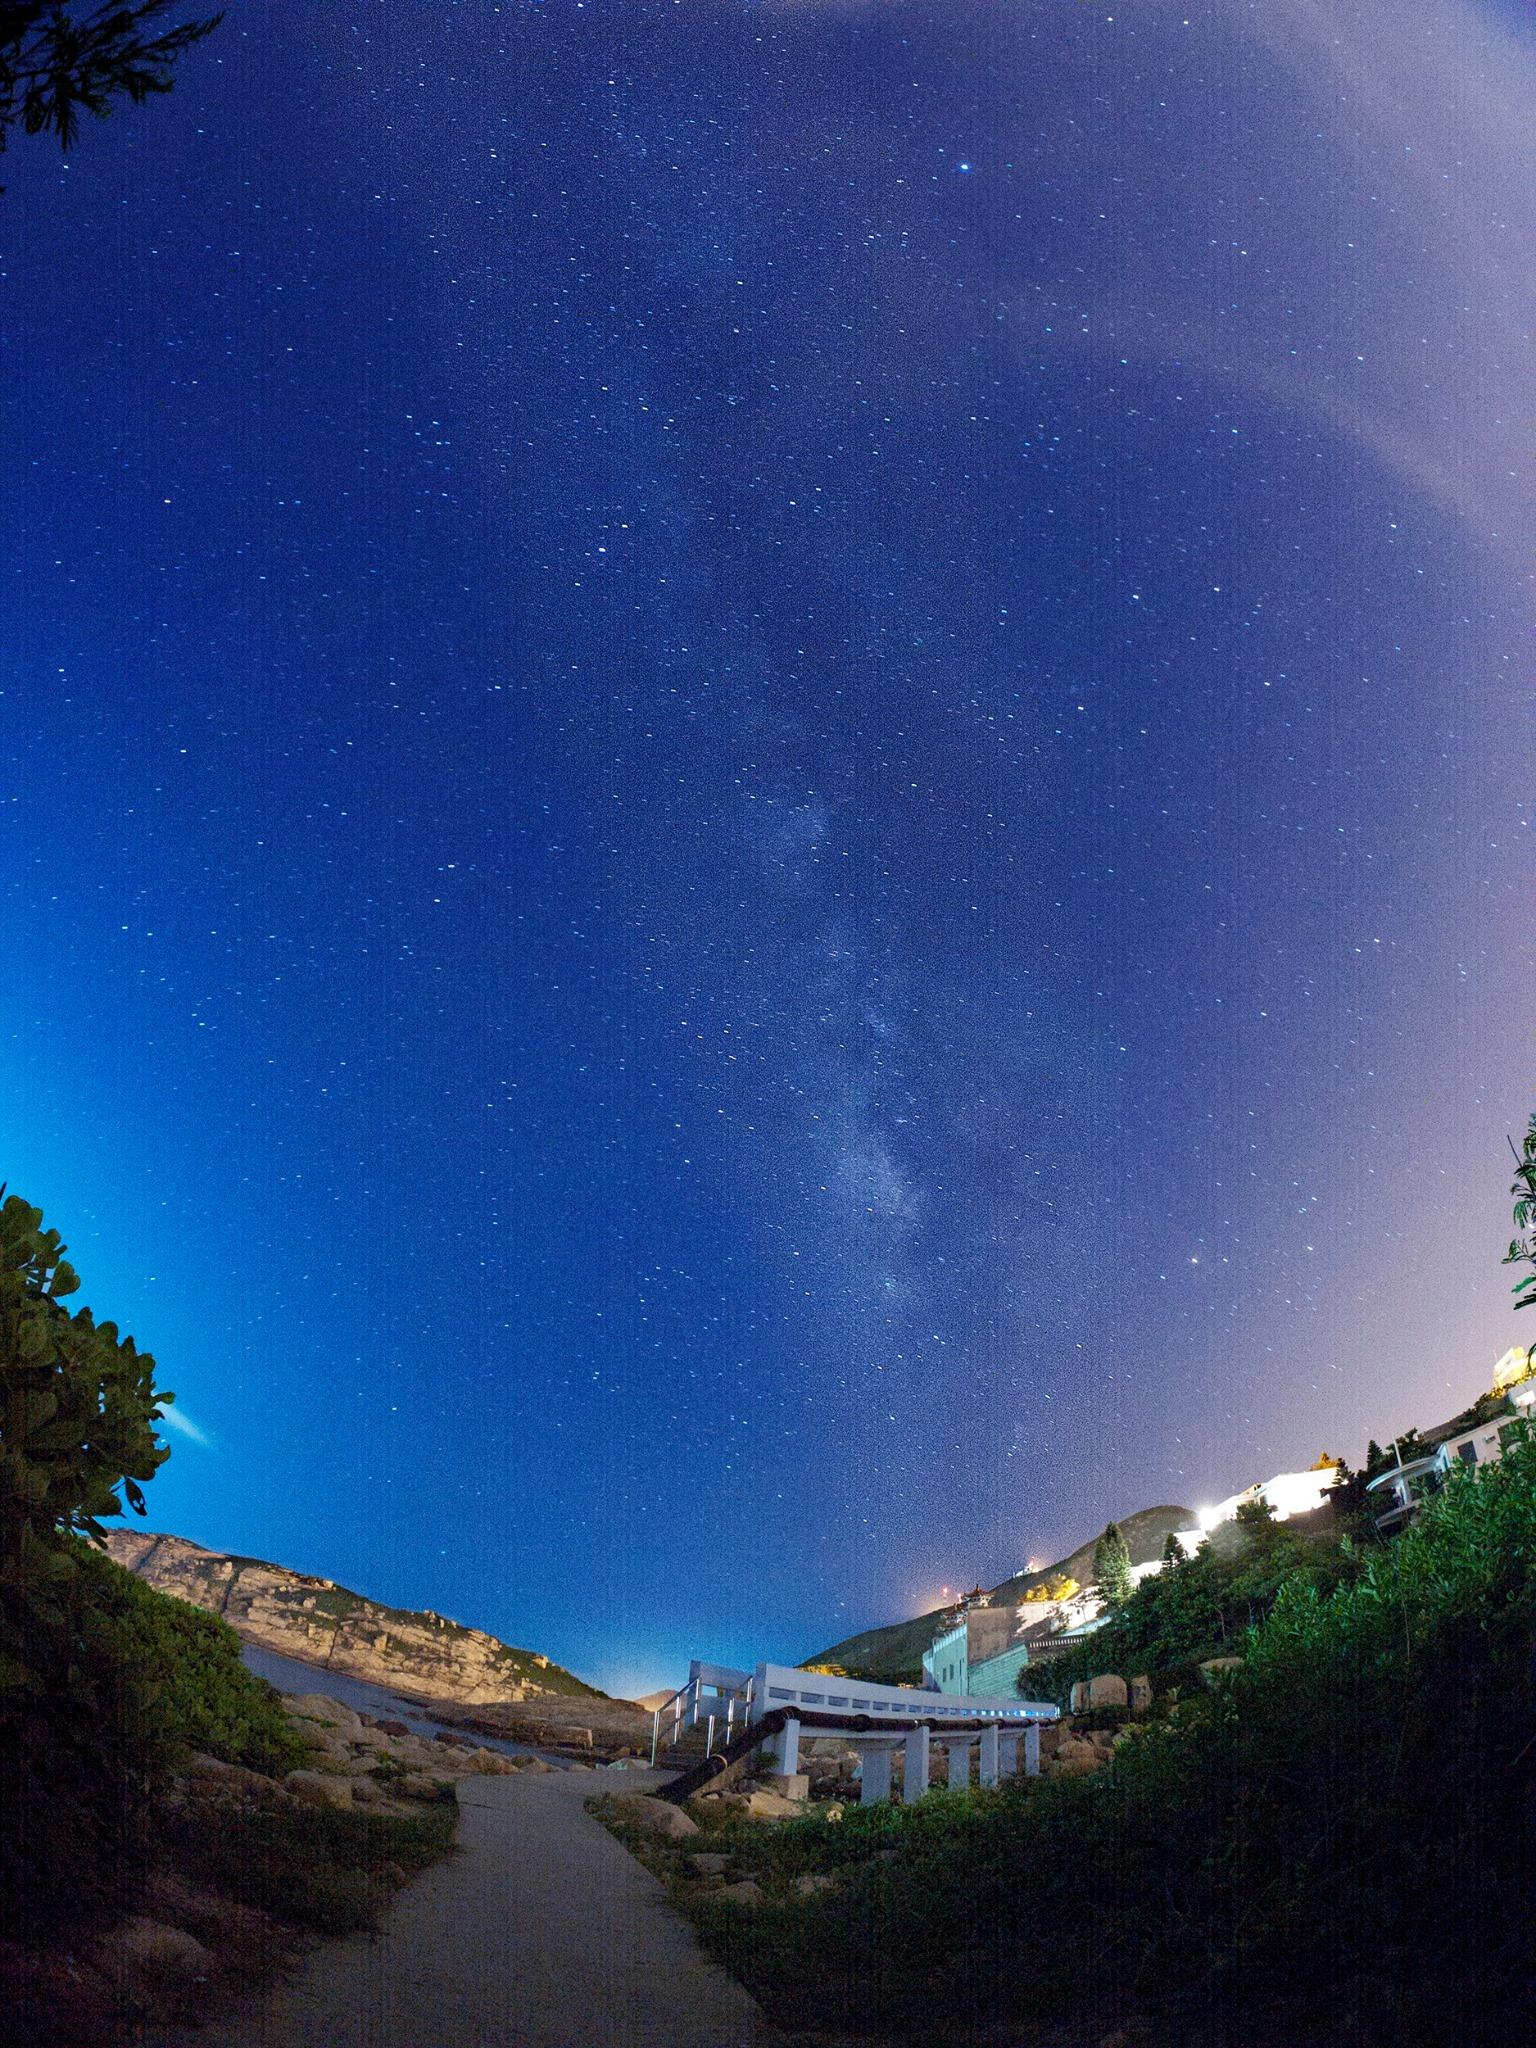 攝於石澳的夏季銀河